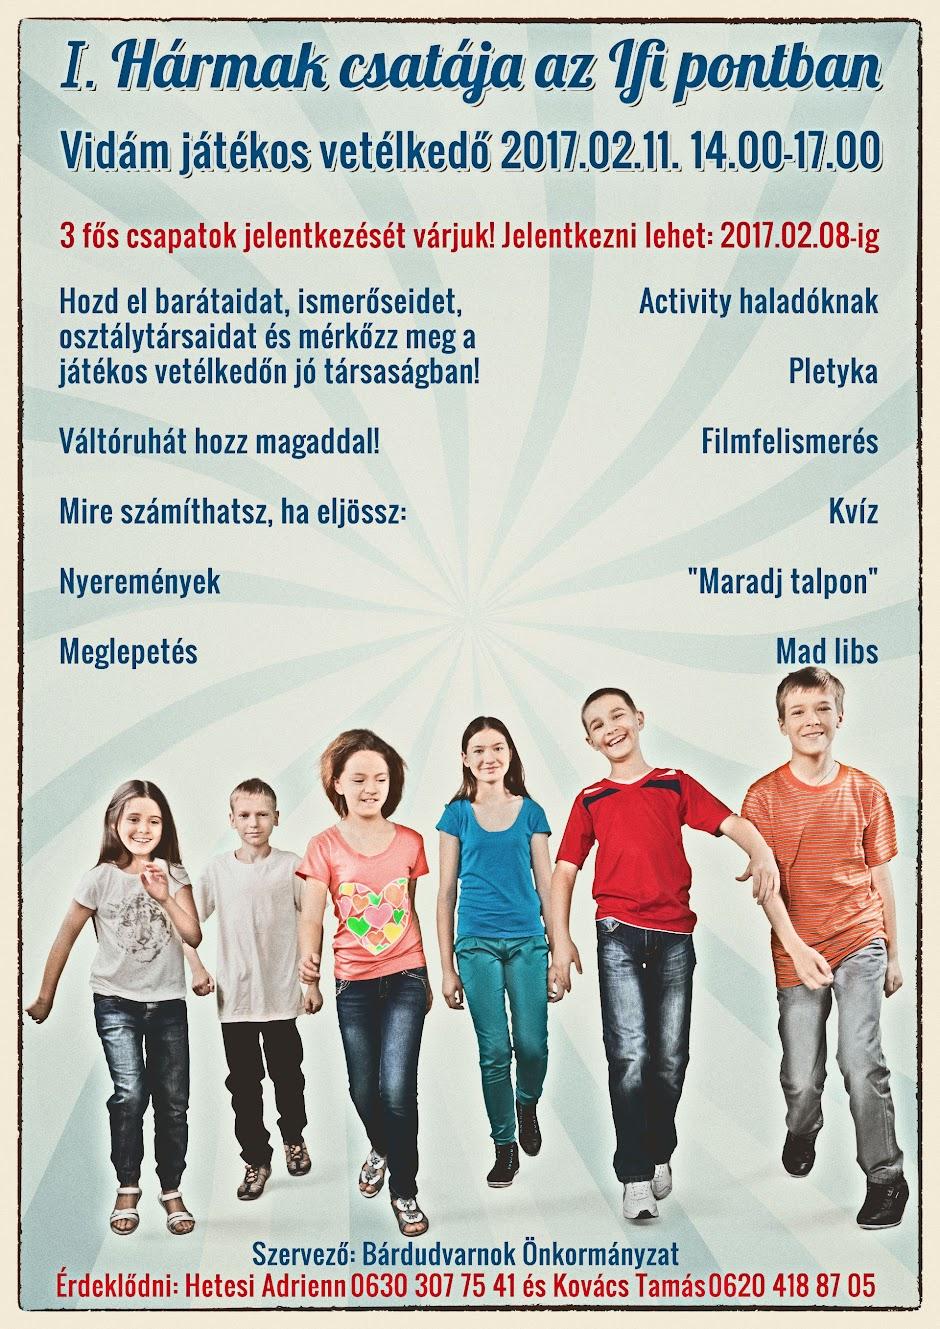 Hármak csatája Bárdudvarnok plakát 2017